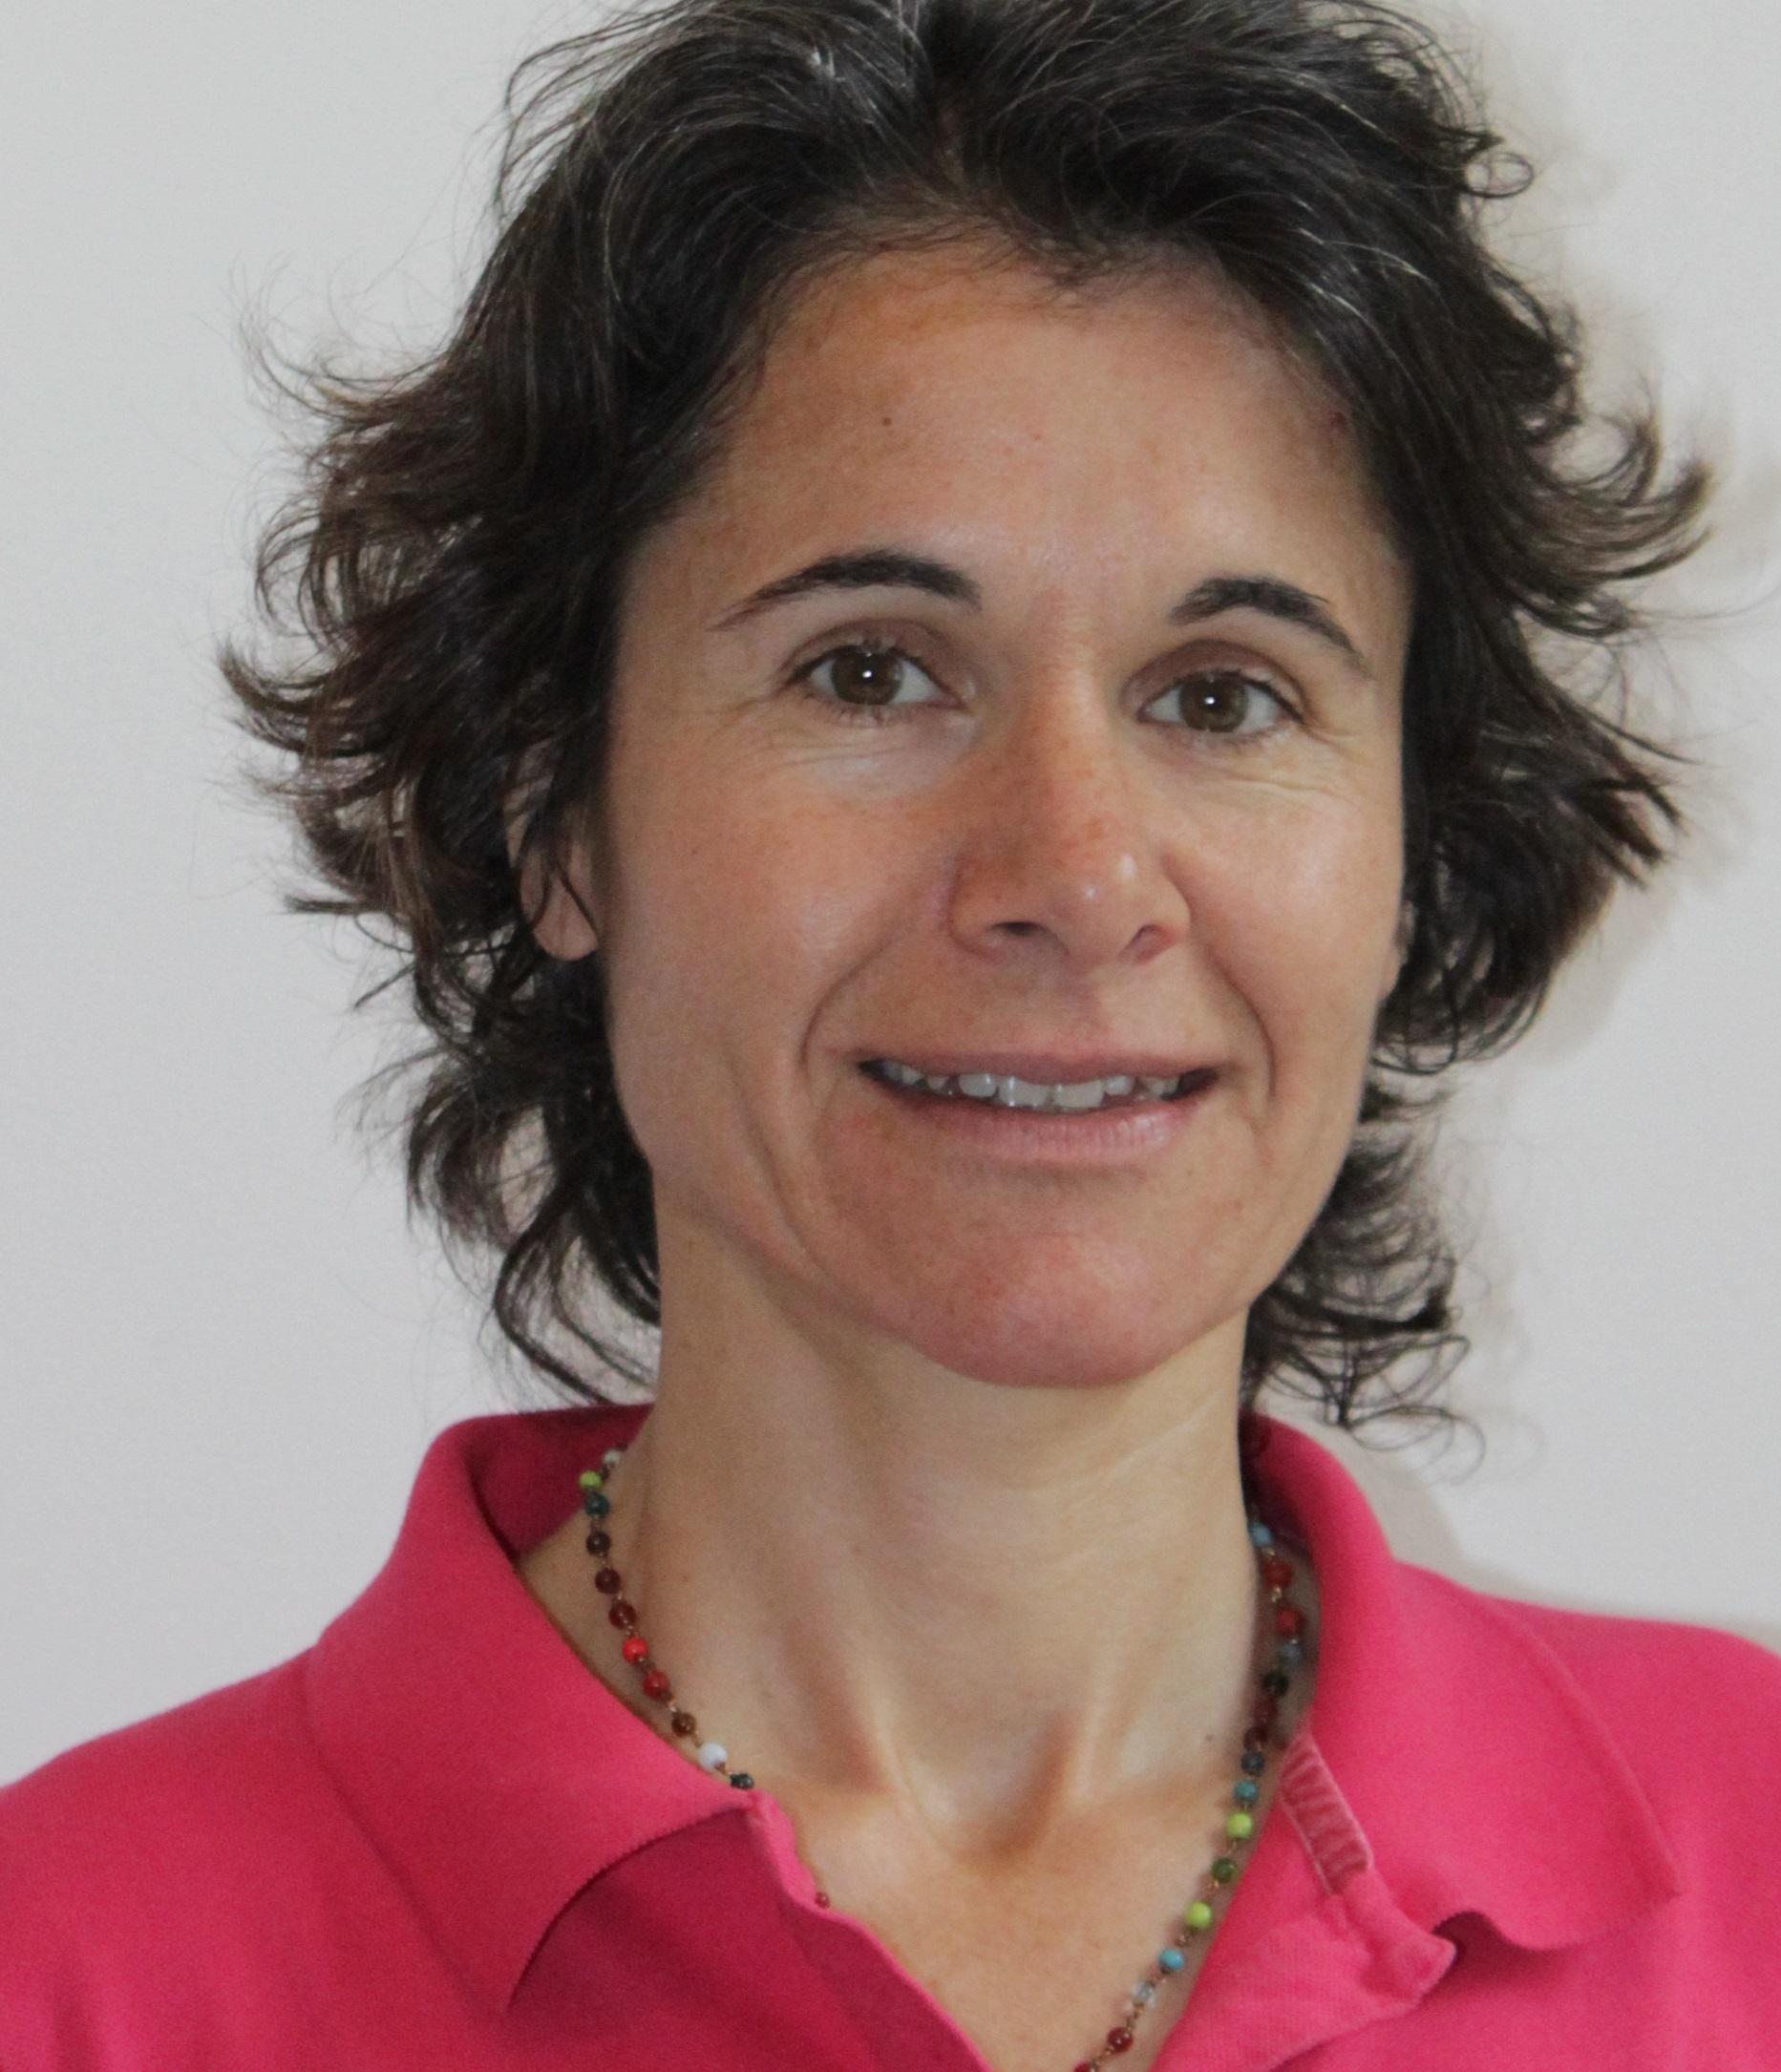 Paola Marcello